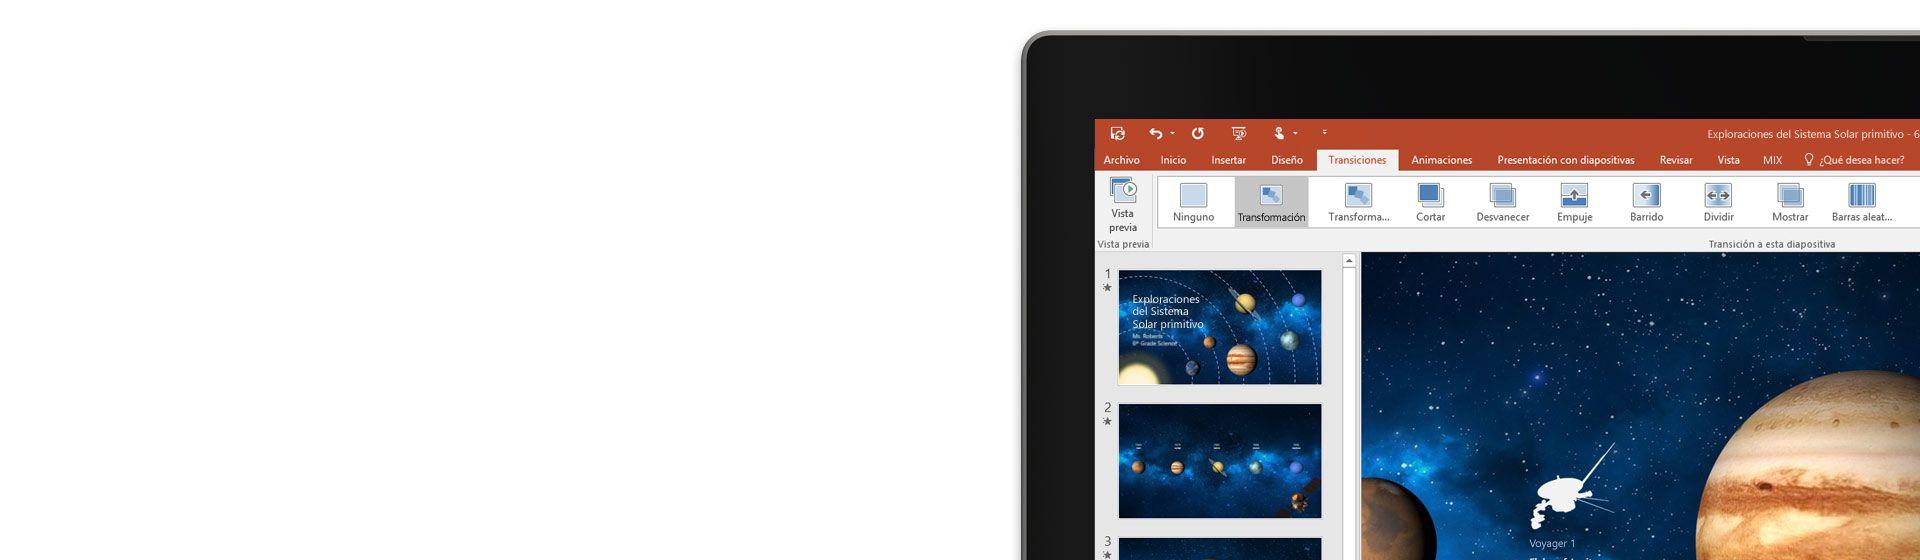 Una tableta donde se muestra la característica Transformación en la diapositiva de una presentación de PowerPoint.